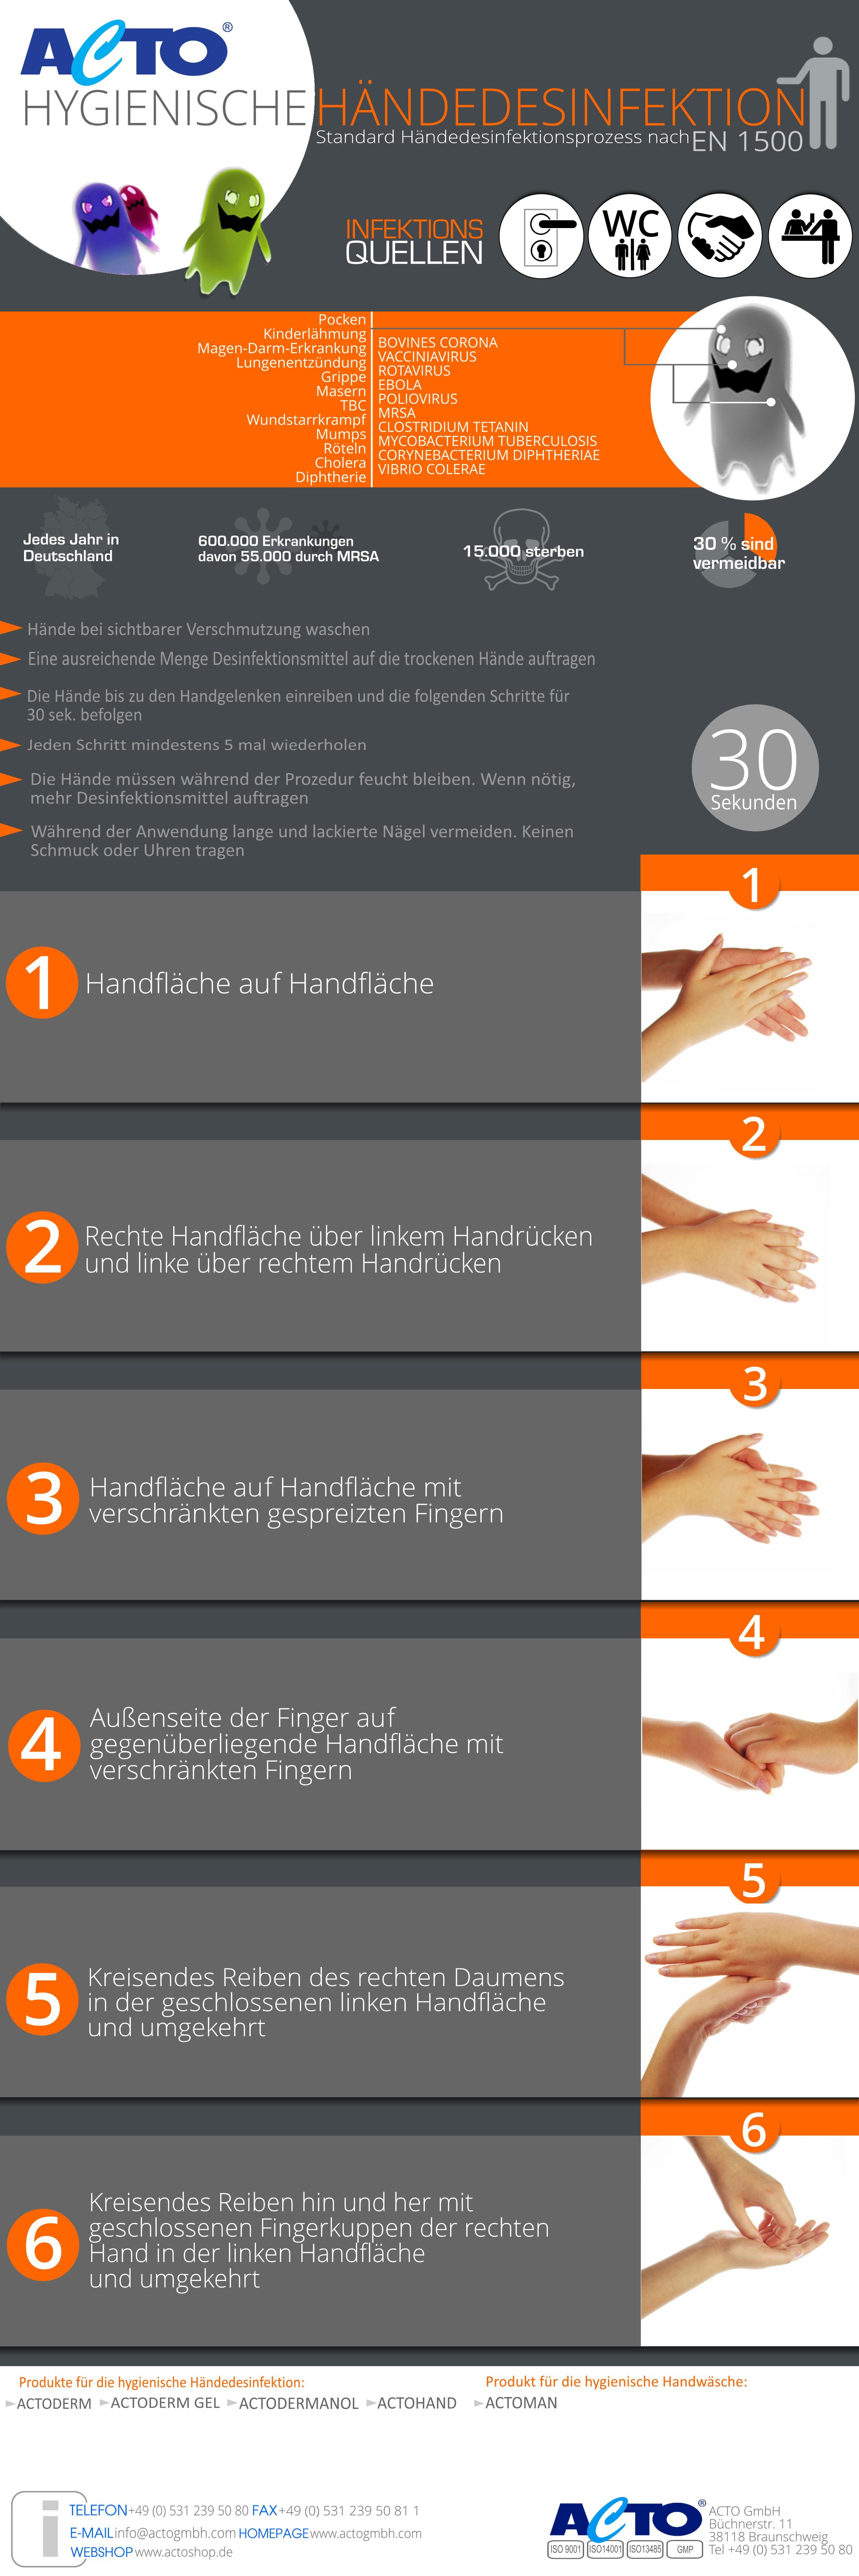 Acto S Guide Wichtige Infos Und Anleitung Zur Hygienischen